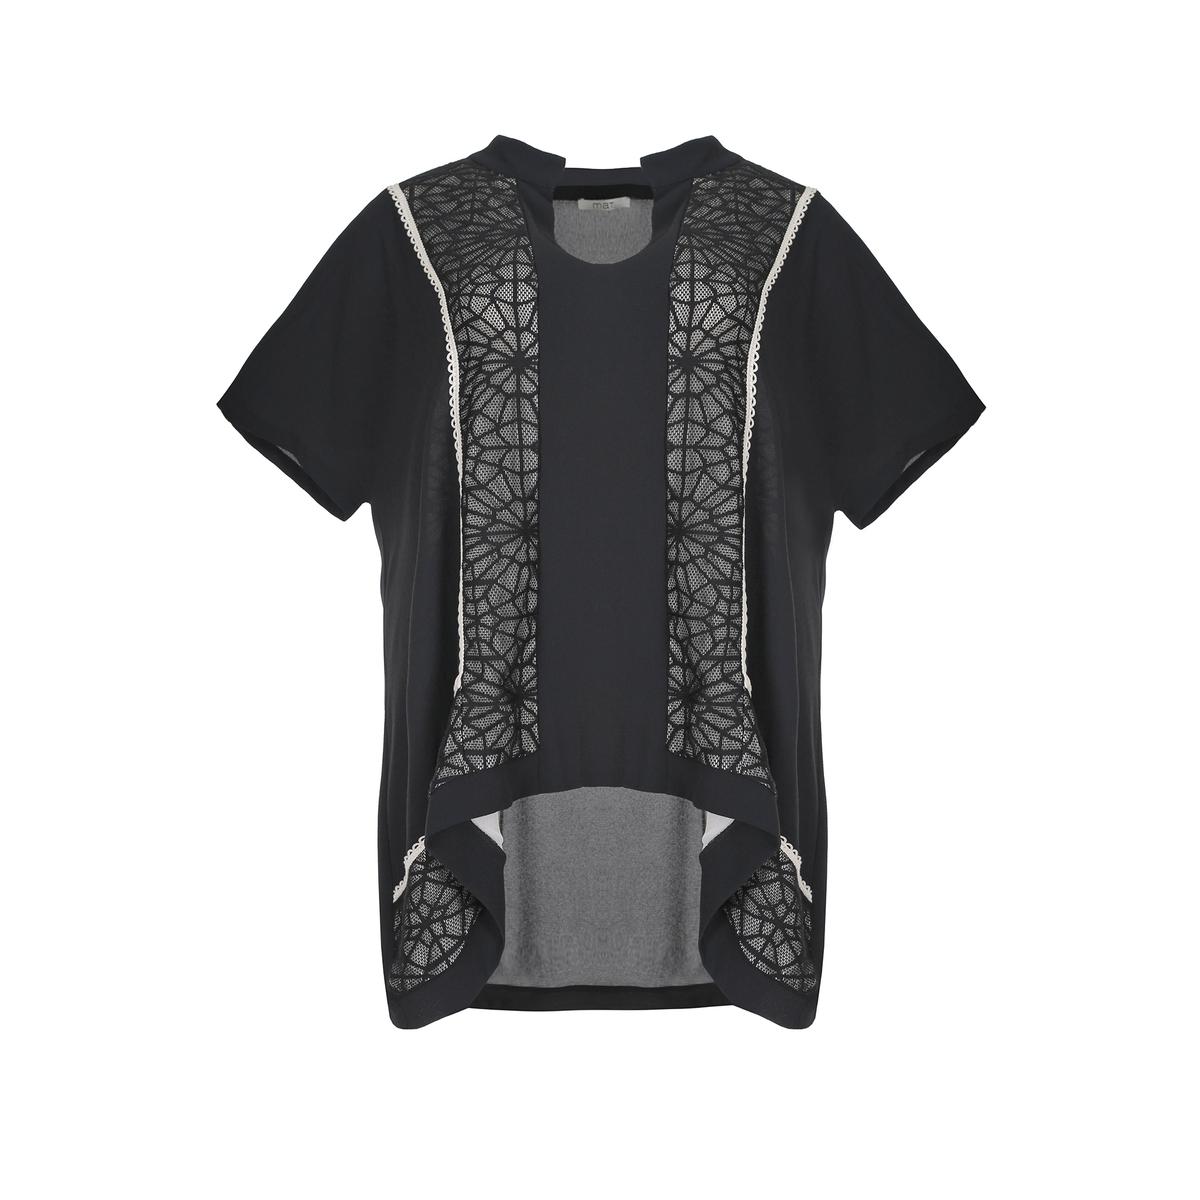 БлузкаБлузка, MAT FASHION. Женственная блузка с кружевом и золотистой отделкой спереди и сзади . Короткие рукава. V-образный вырез. 96% полиэстера, 4% эластана..<br><br>Цвет: черный<br>Размер: 48/50 (FR) - 54/56 (RUS)